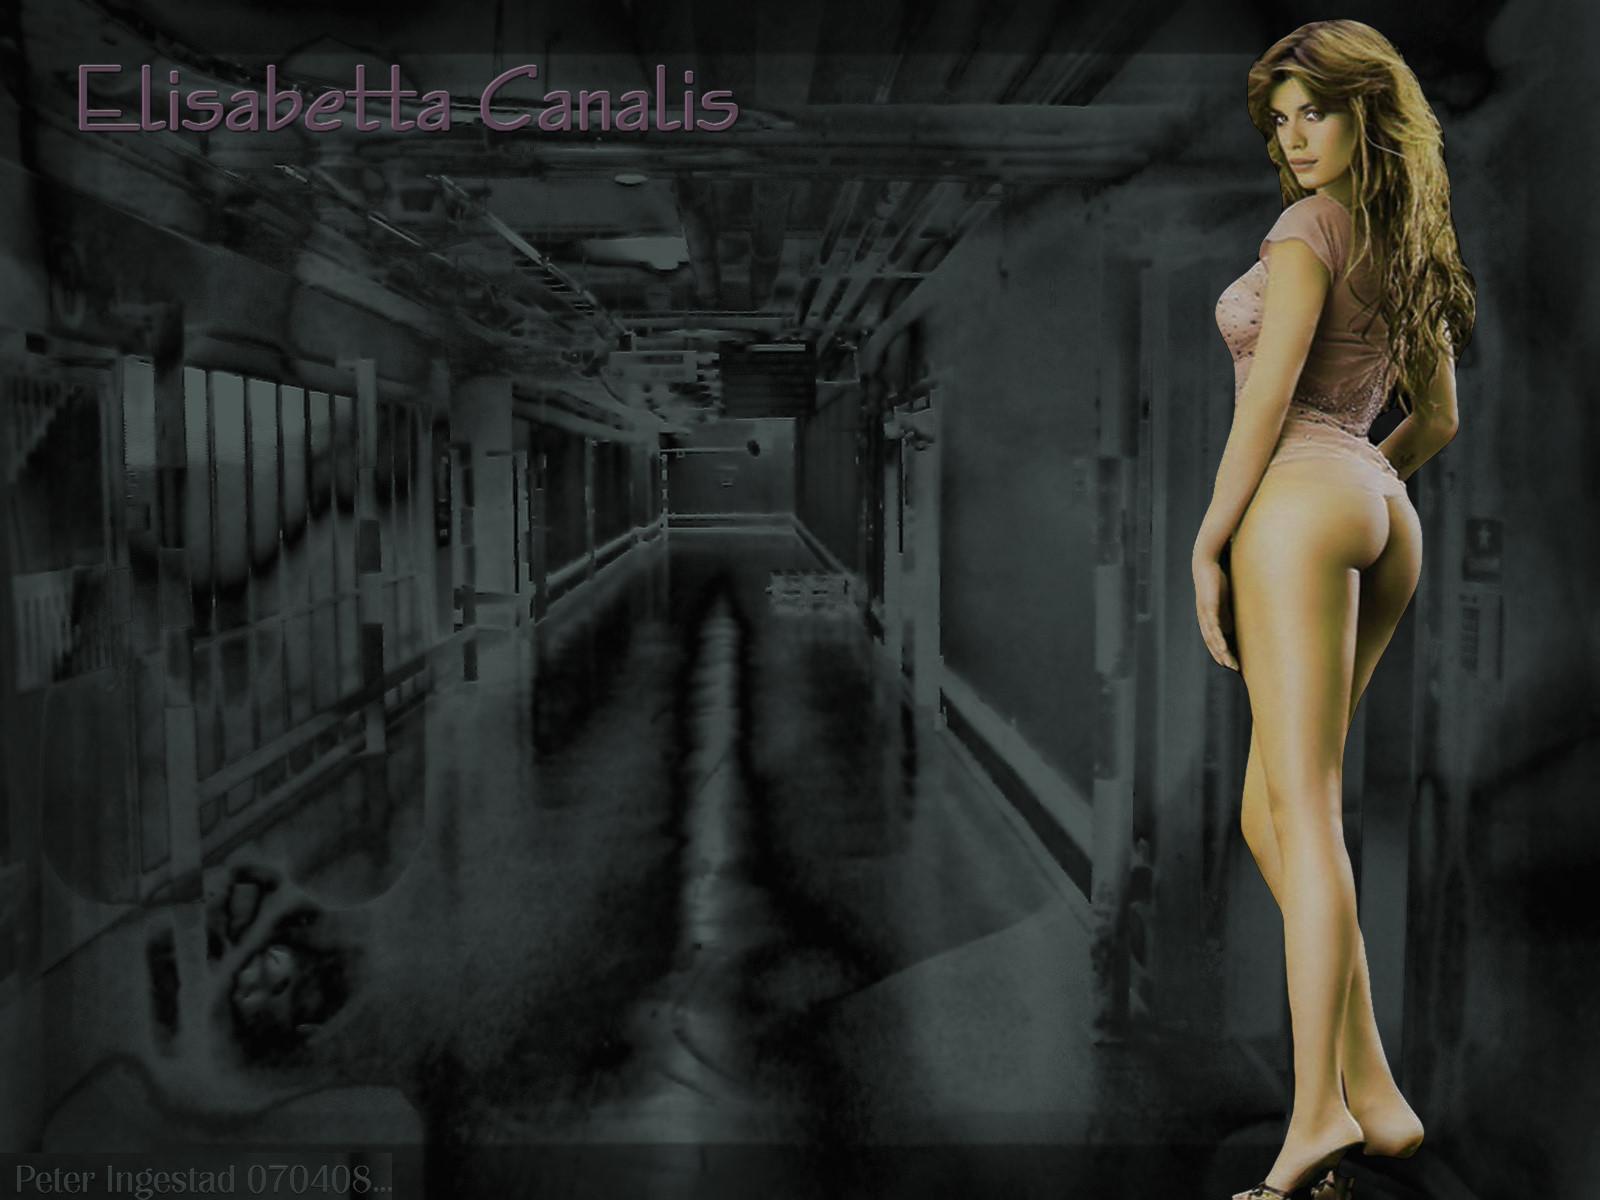 http://1.bp.blogspot.com/-lfdoxBigNsA/TtsTJJxCKTI/AAAAAAAAFKE/jQ07wBesrz8/s1600/Elisabetta_Canalis_46455.jpg